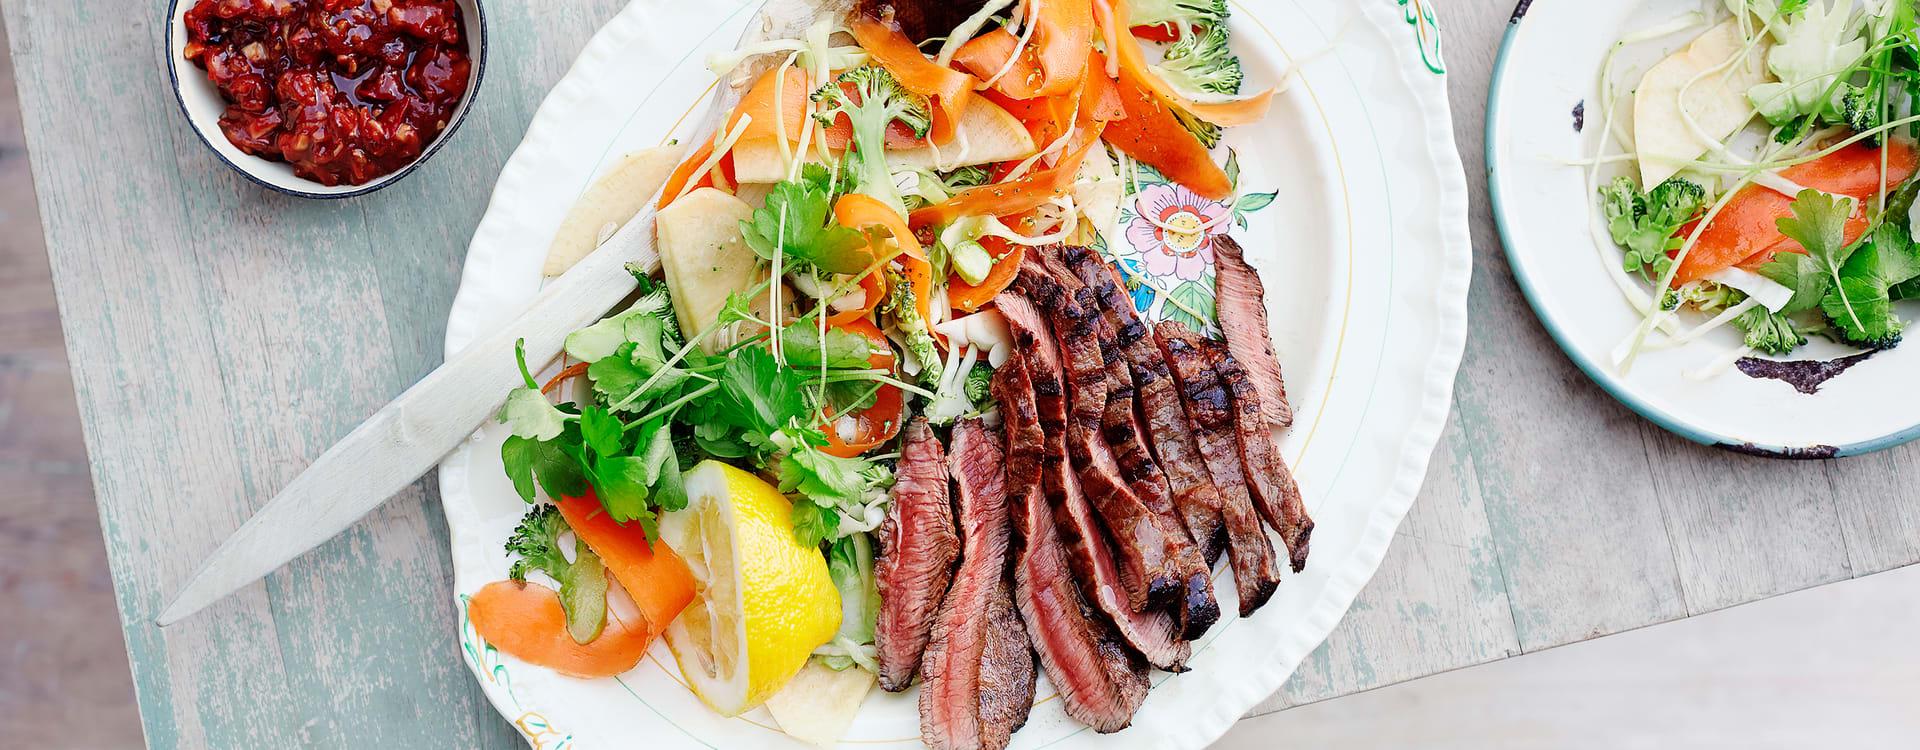 Grillet flat iron steak med hjemmelaget BBQ-saus